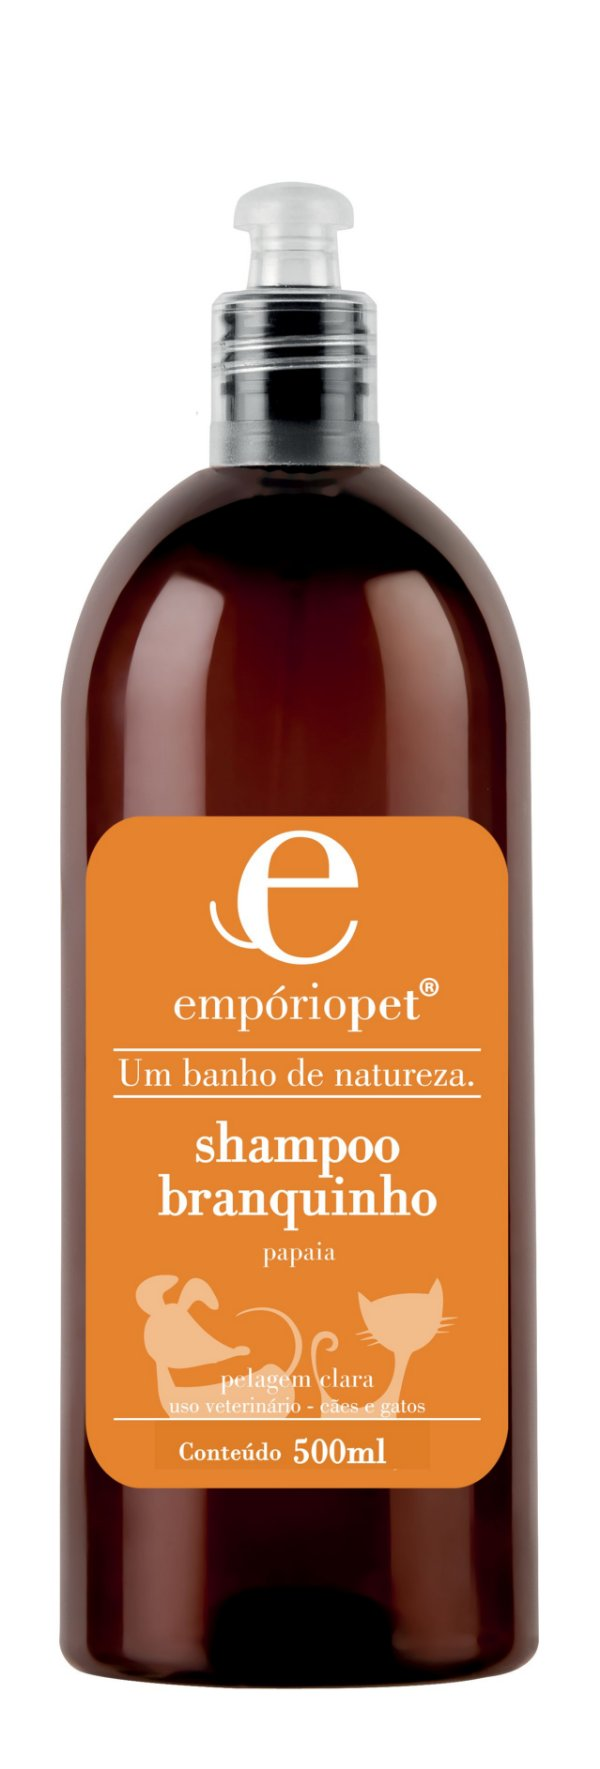 Shampoo Branquinho Empóriopet